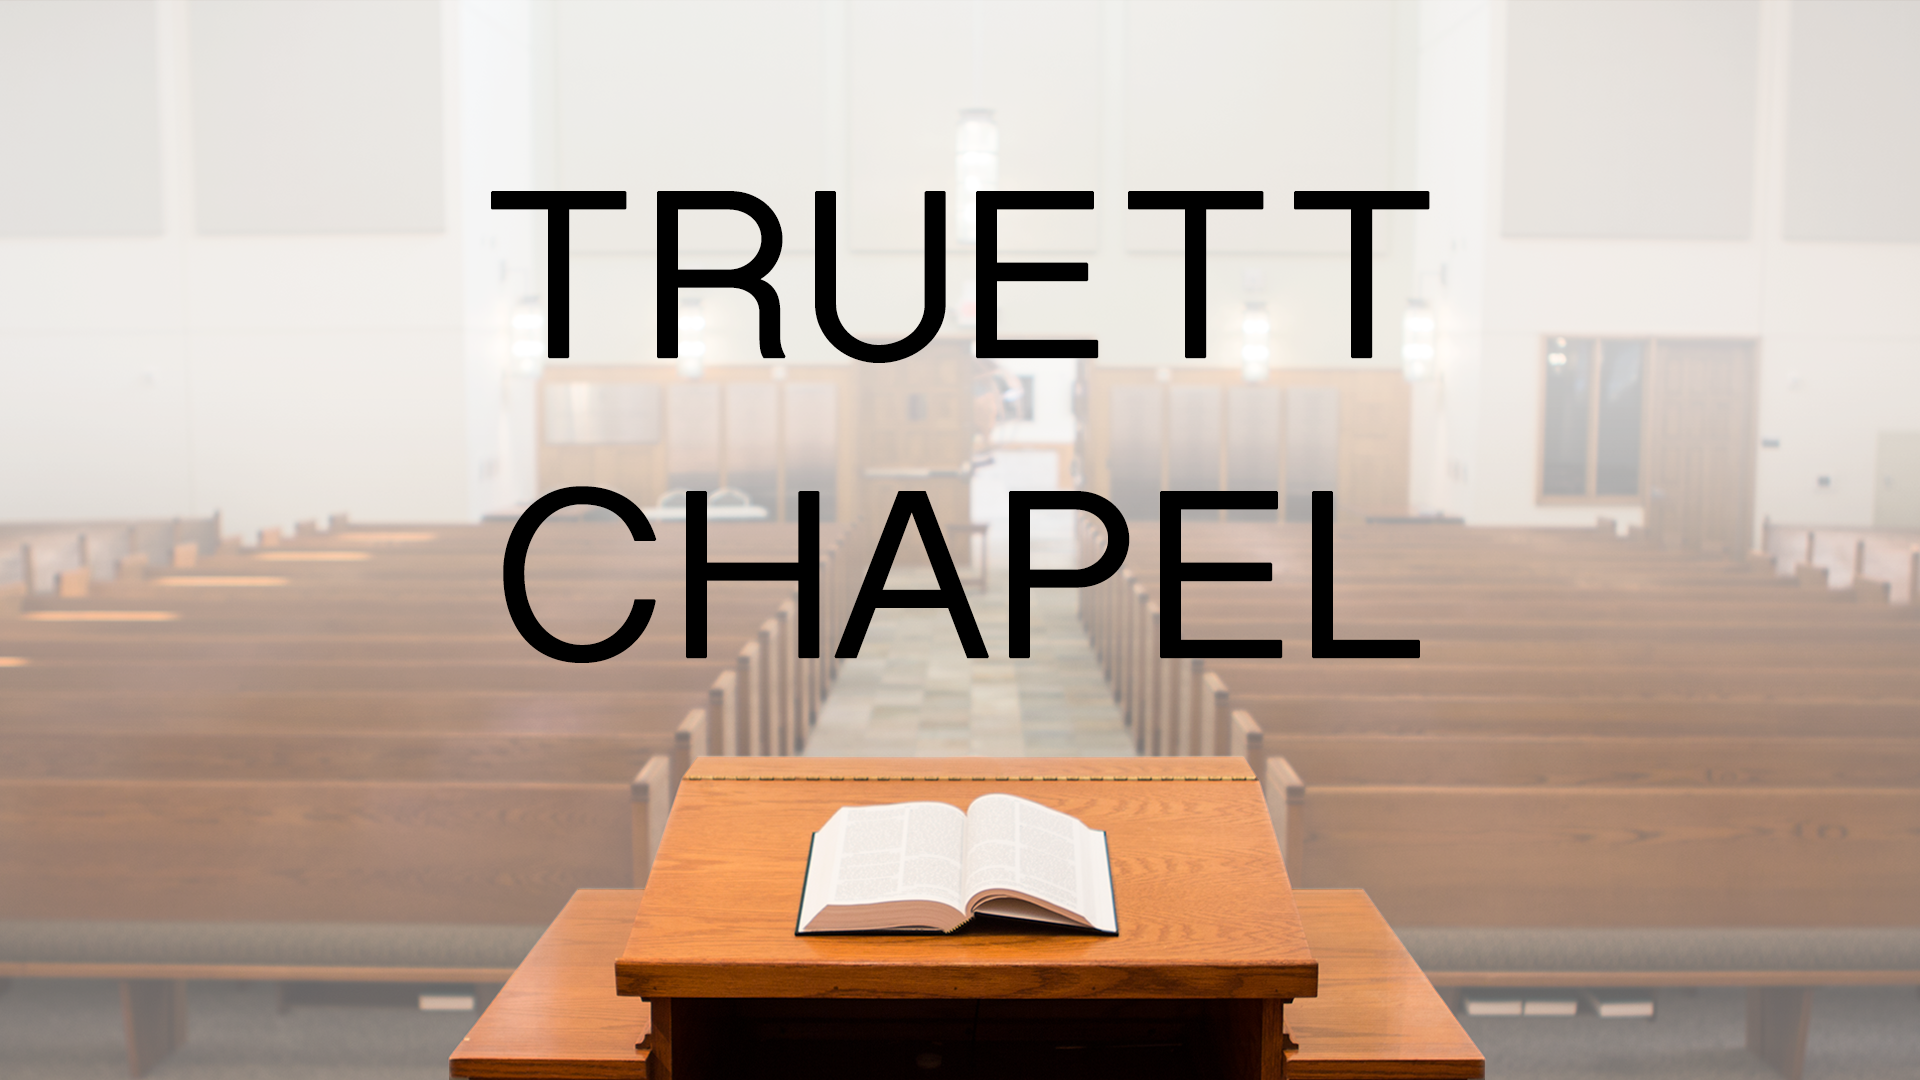 Truett Chapel